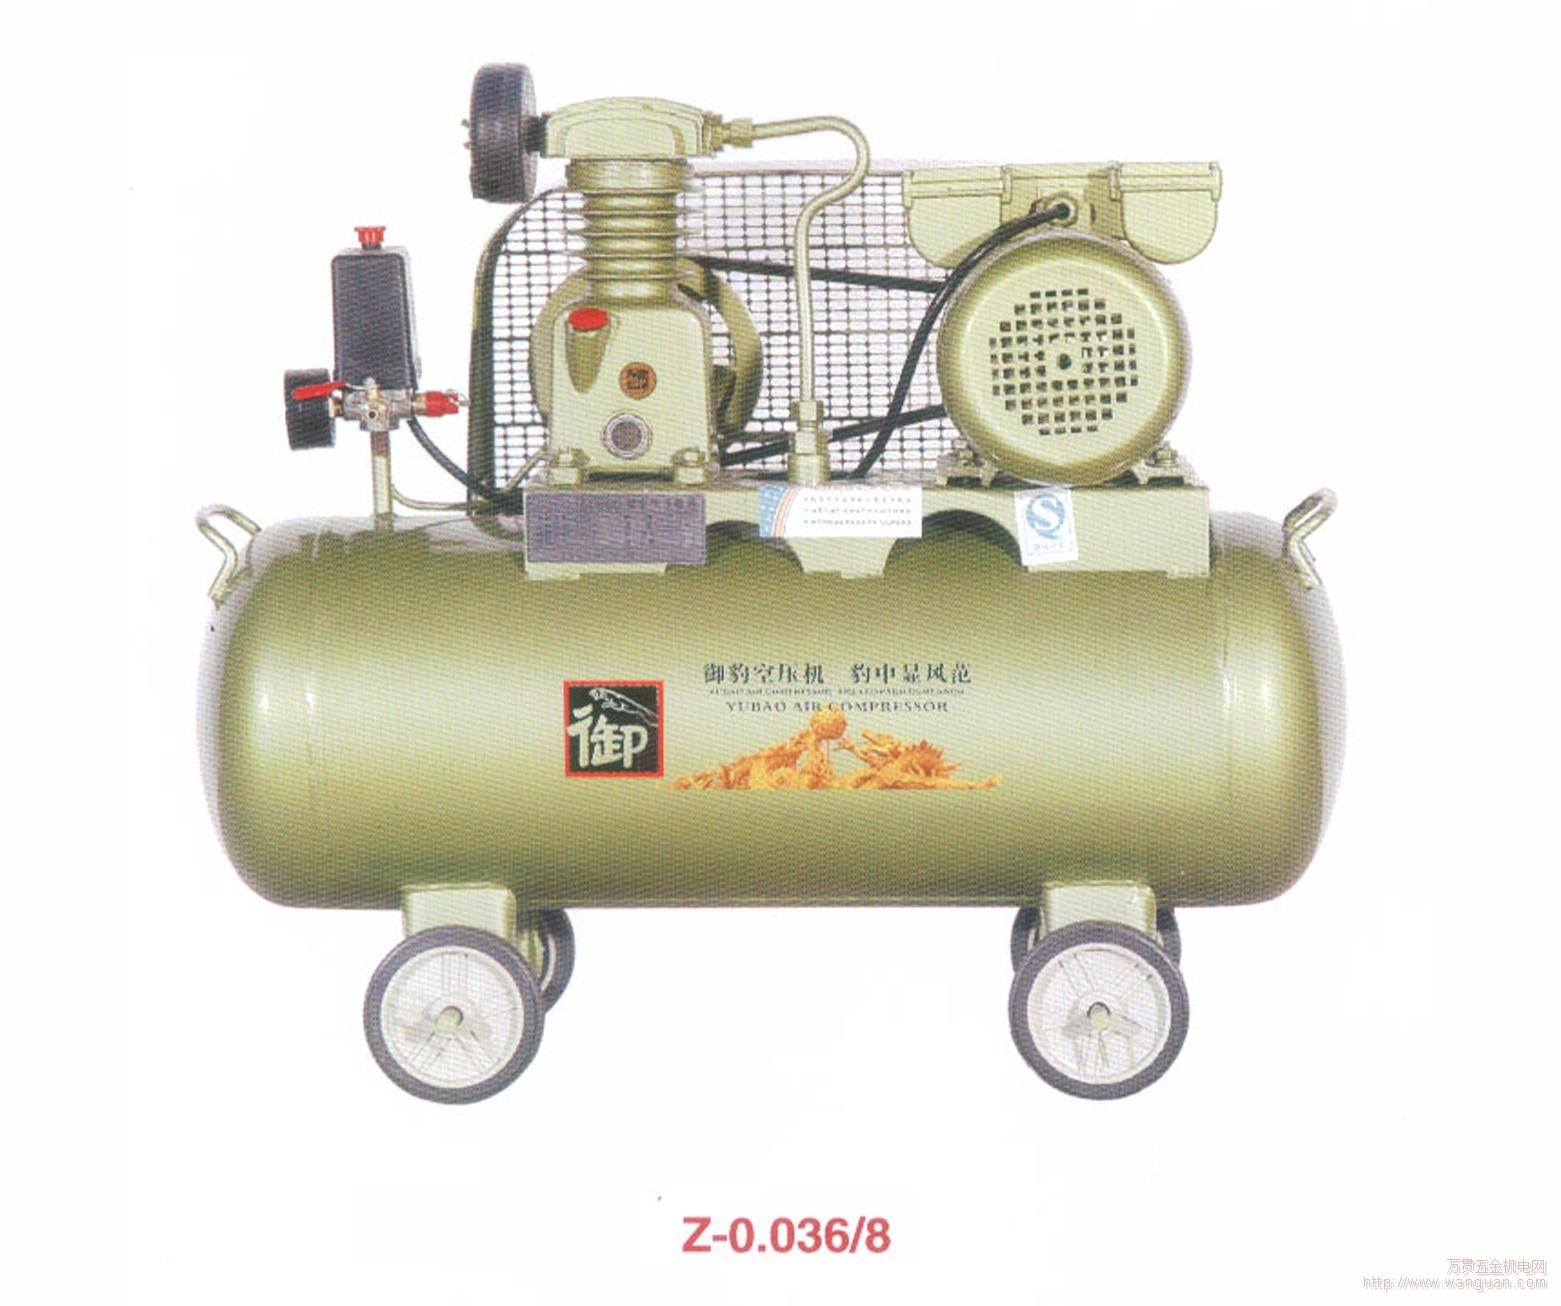 福建捷豹 空气压缩机 Z-0.036 8 价格优惠 - 捷豹